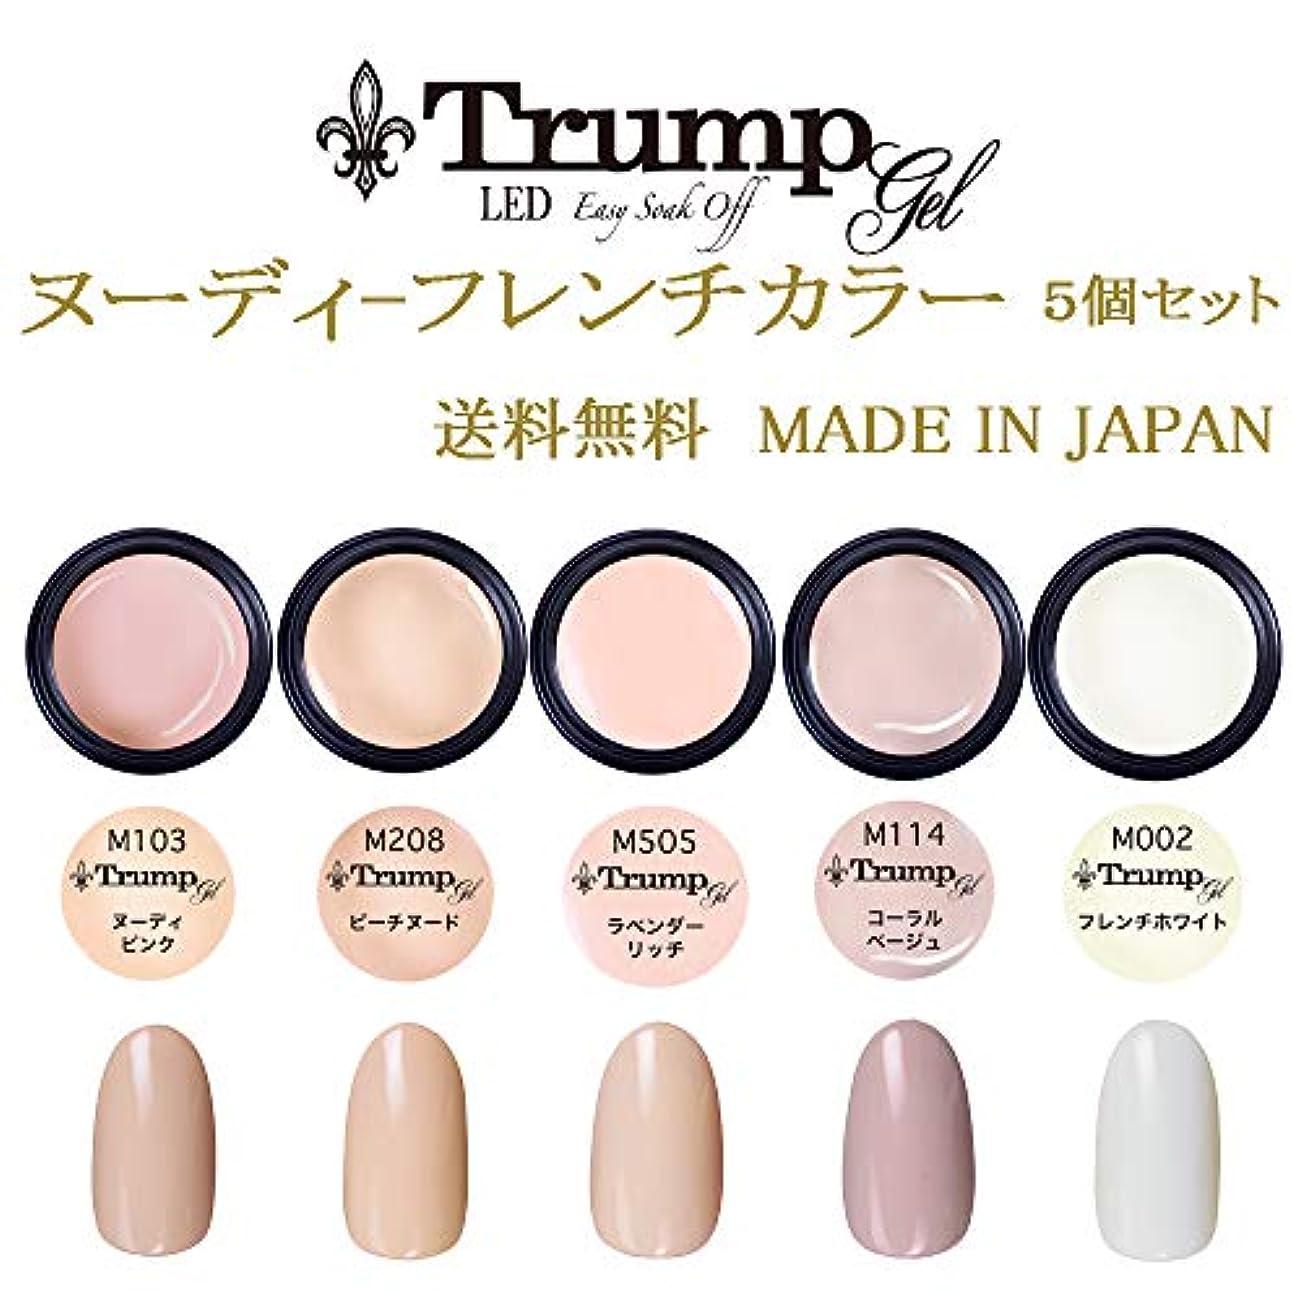 ハング倫理つかの間【送料無料】日本製 Trump gel トランプジェルヌーディフレンチカラージェル 5個セット 肌馴染みの良い ヌーデイフレンチカラージェルセット